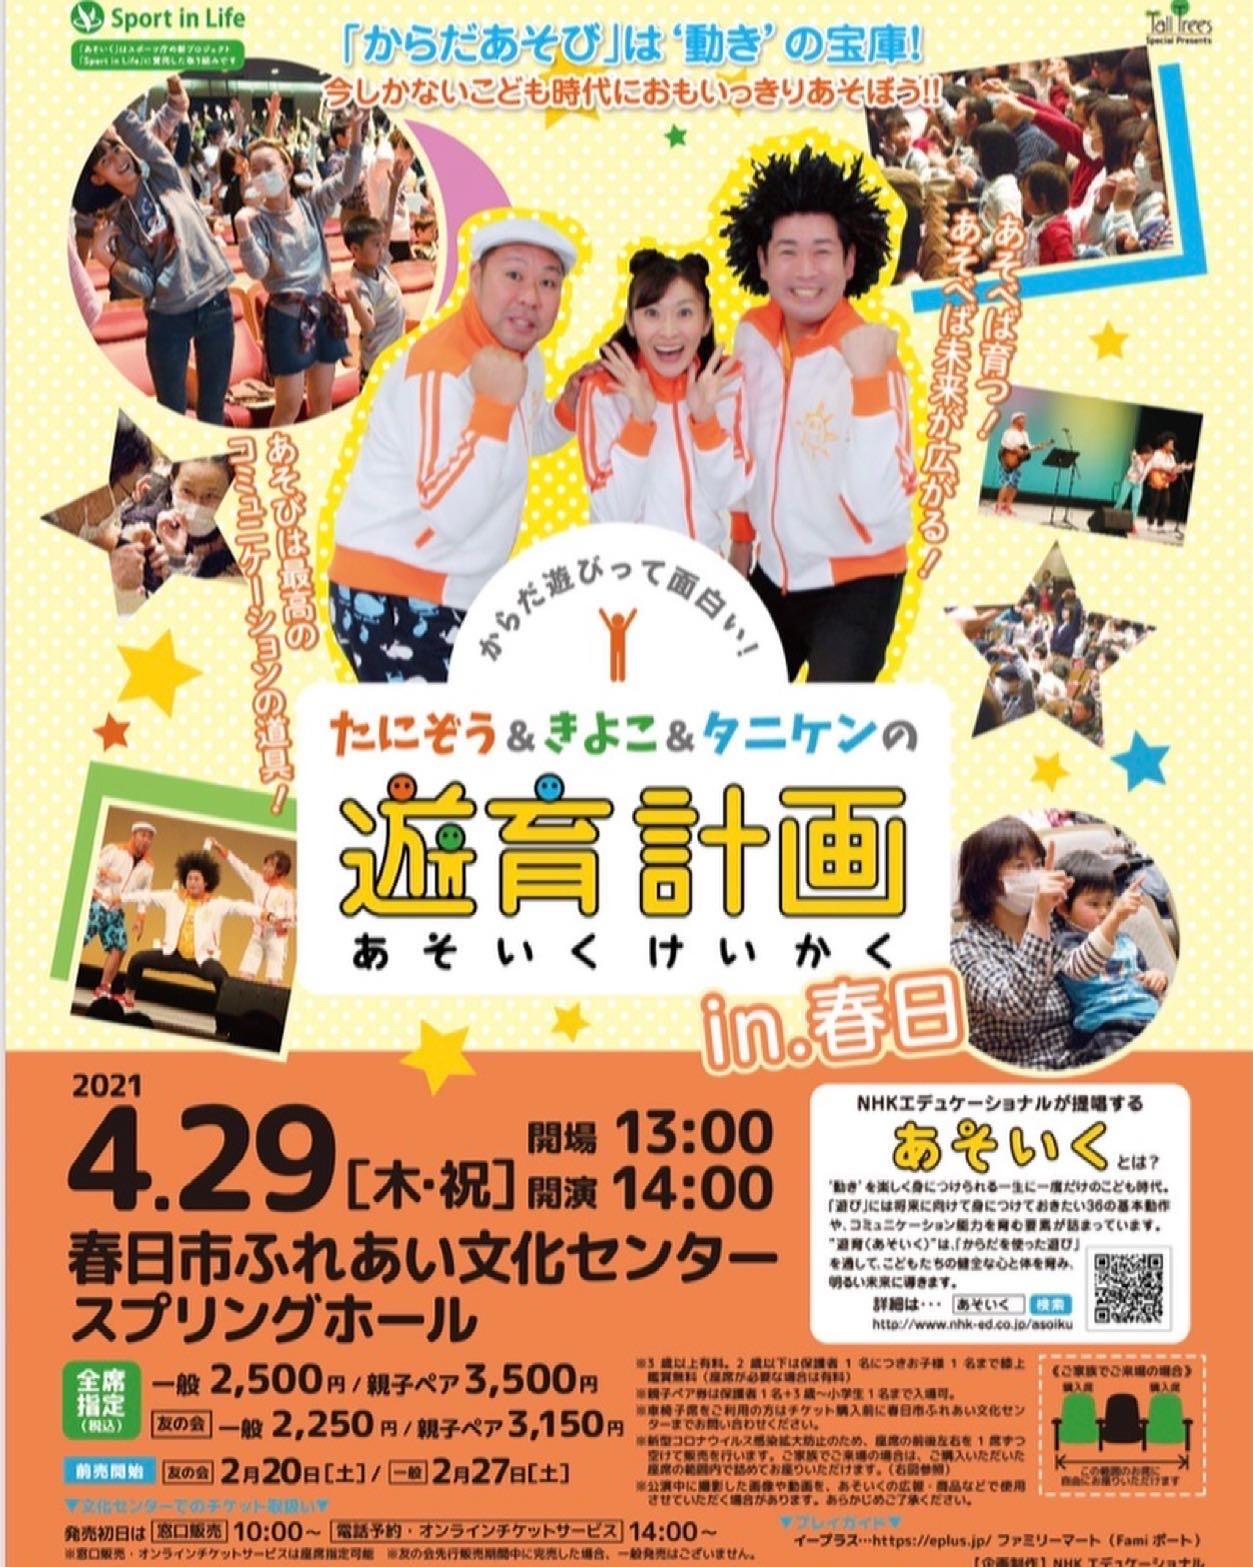 4/29(木・祝) たにぞう&きよこ&タニケンの遊育計画 in 春日_e0056646_12492724.jpeg